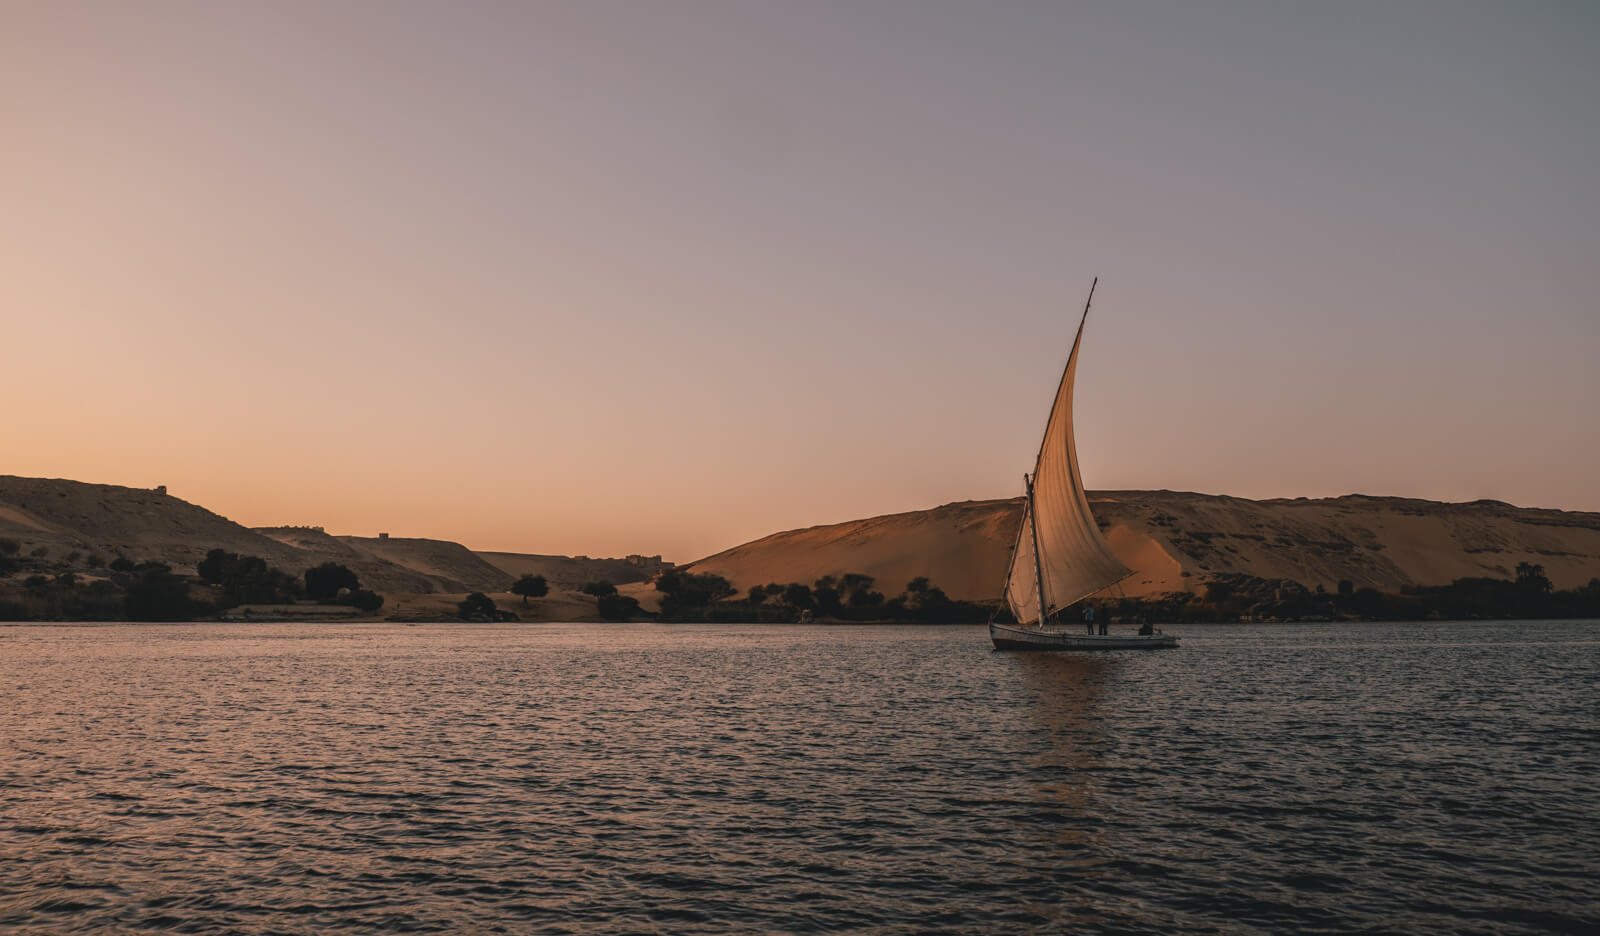 Un petit voilier local sur le Nil en Egypte